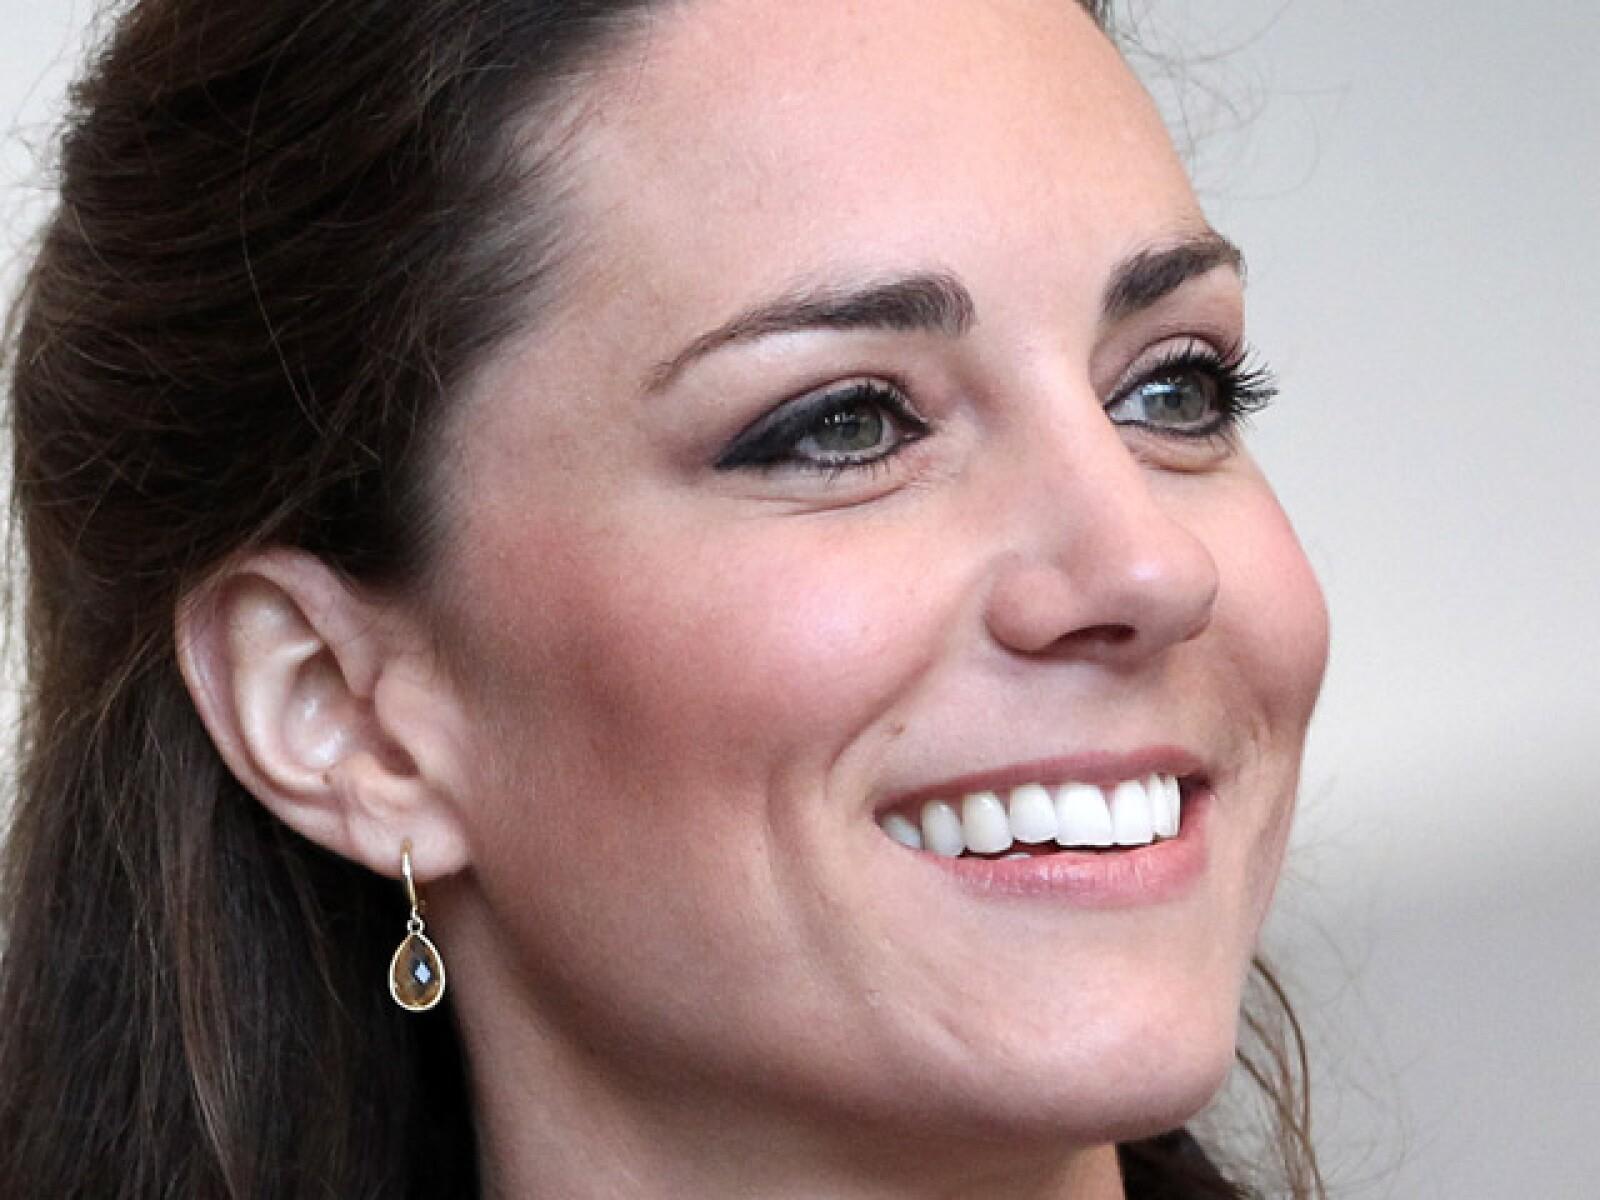 A principios de semana Kate confesó que ya siente los nervios por su boda y siente las típicas mariposas en el estómago.